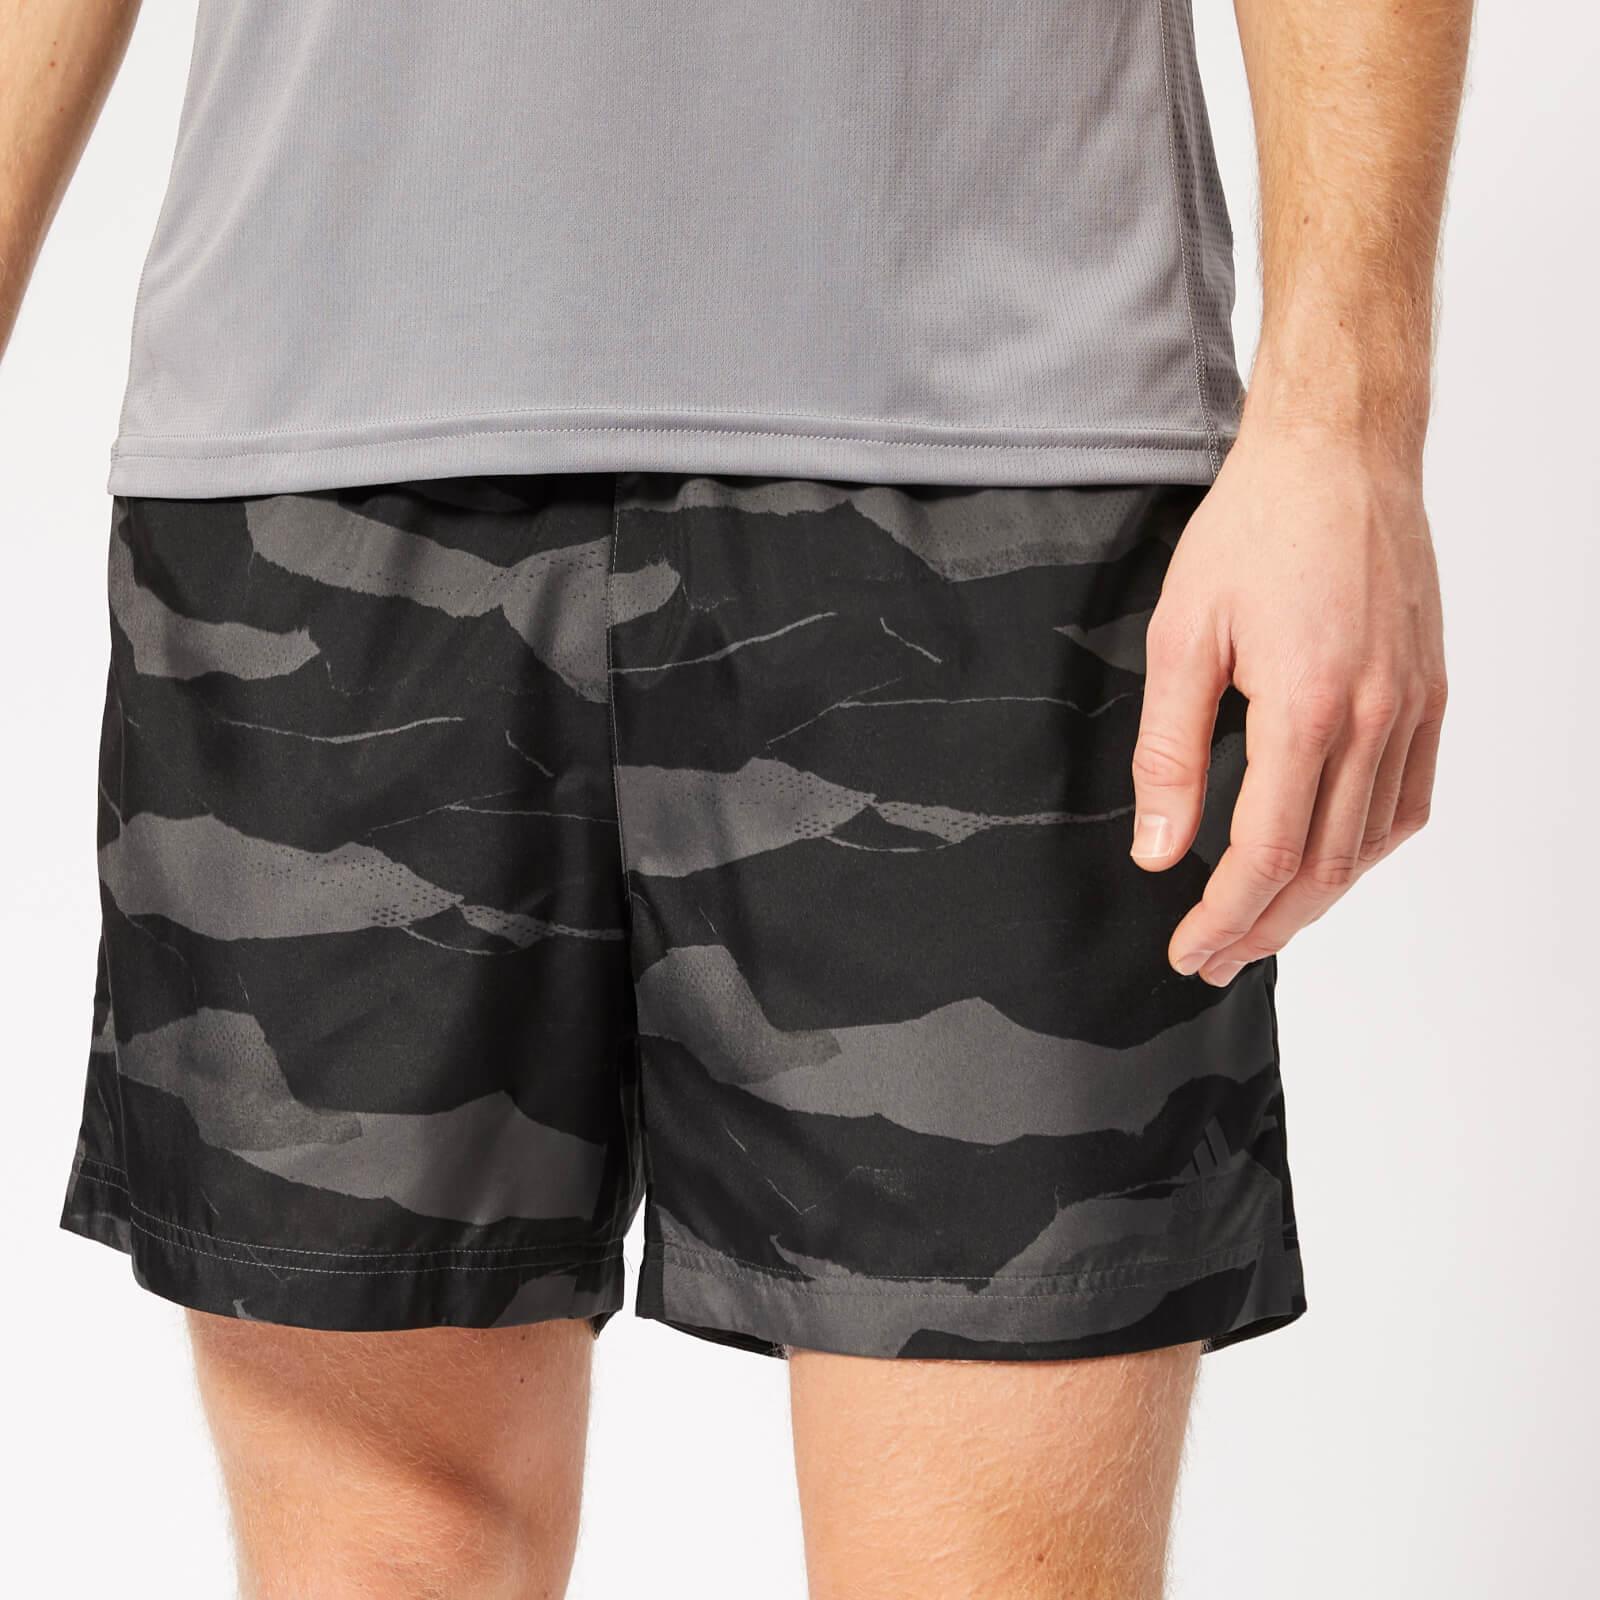 adidas running shorts 5 inch